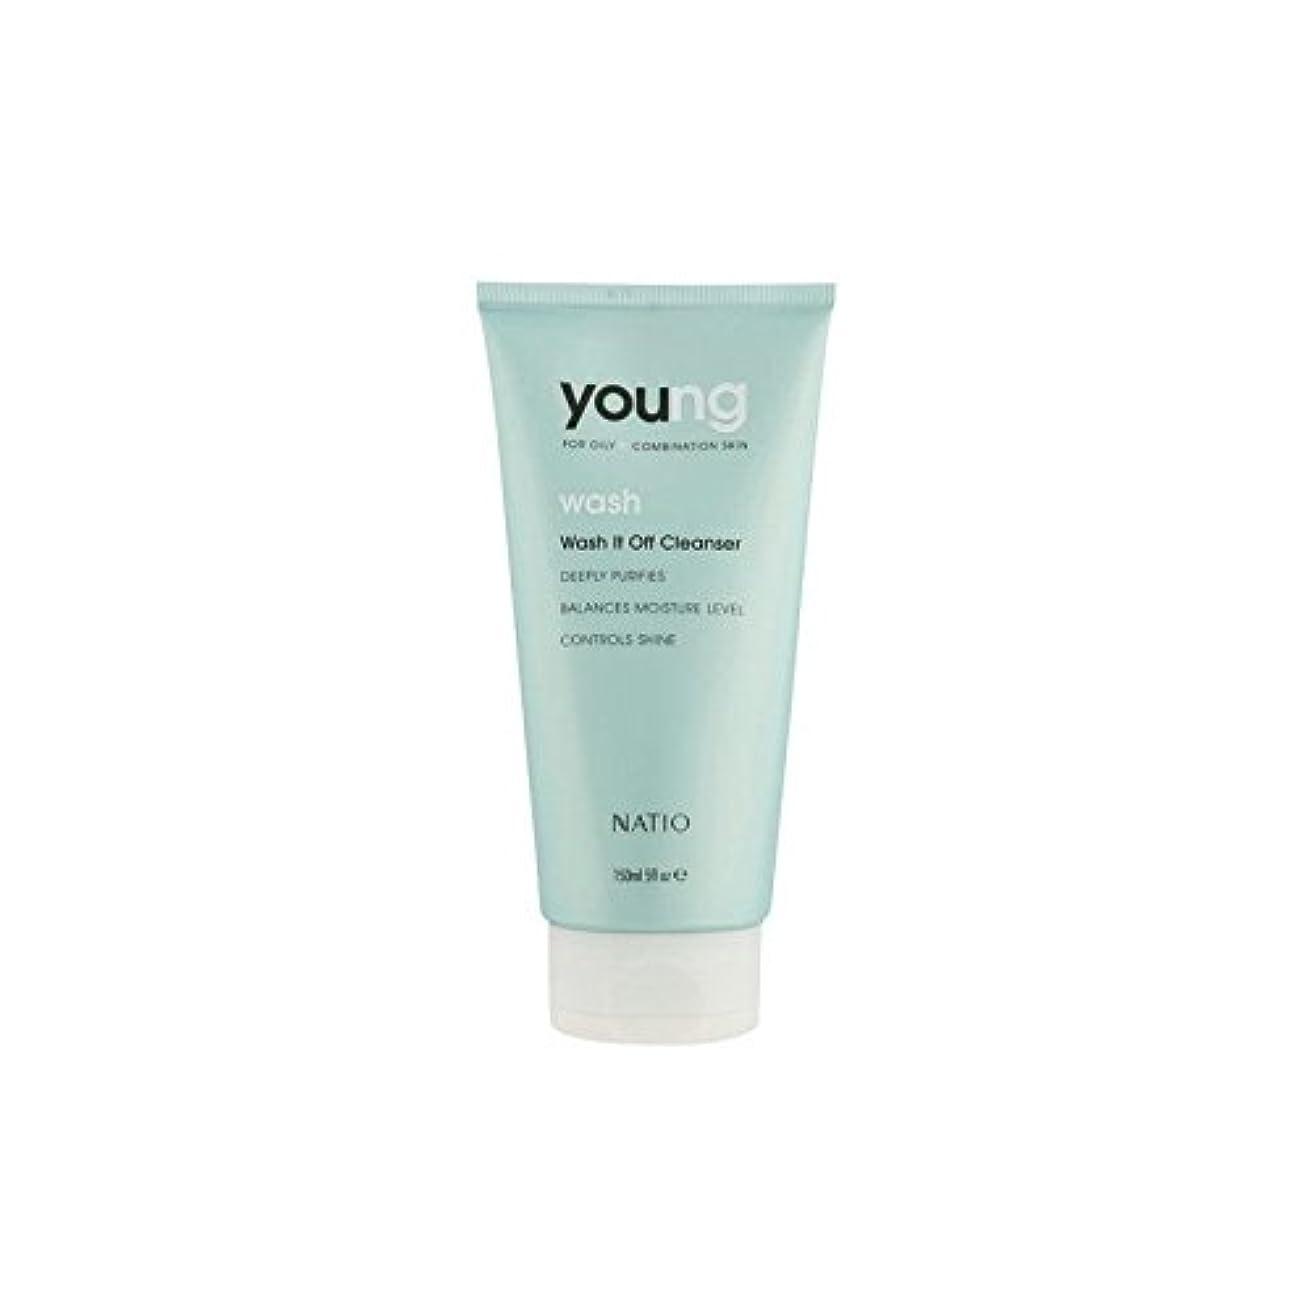 温度計フェードしなやかなNatio Young Wash It Off Cleanser (150ml) - 若いウォッシュそれオフクレンザー(150ミリリットル) [並行輸入品]